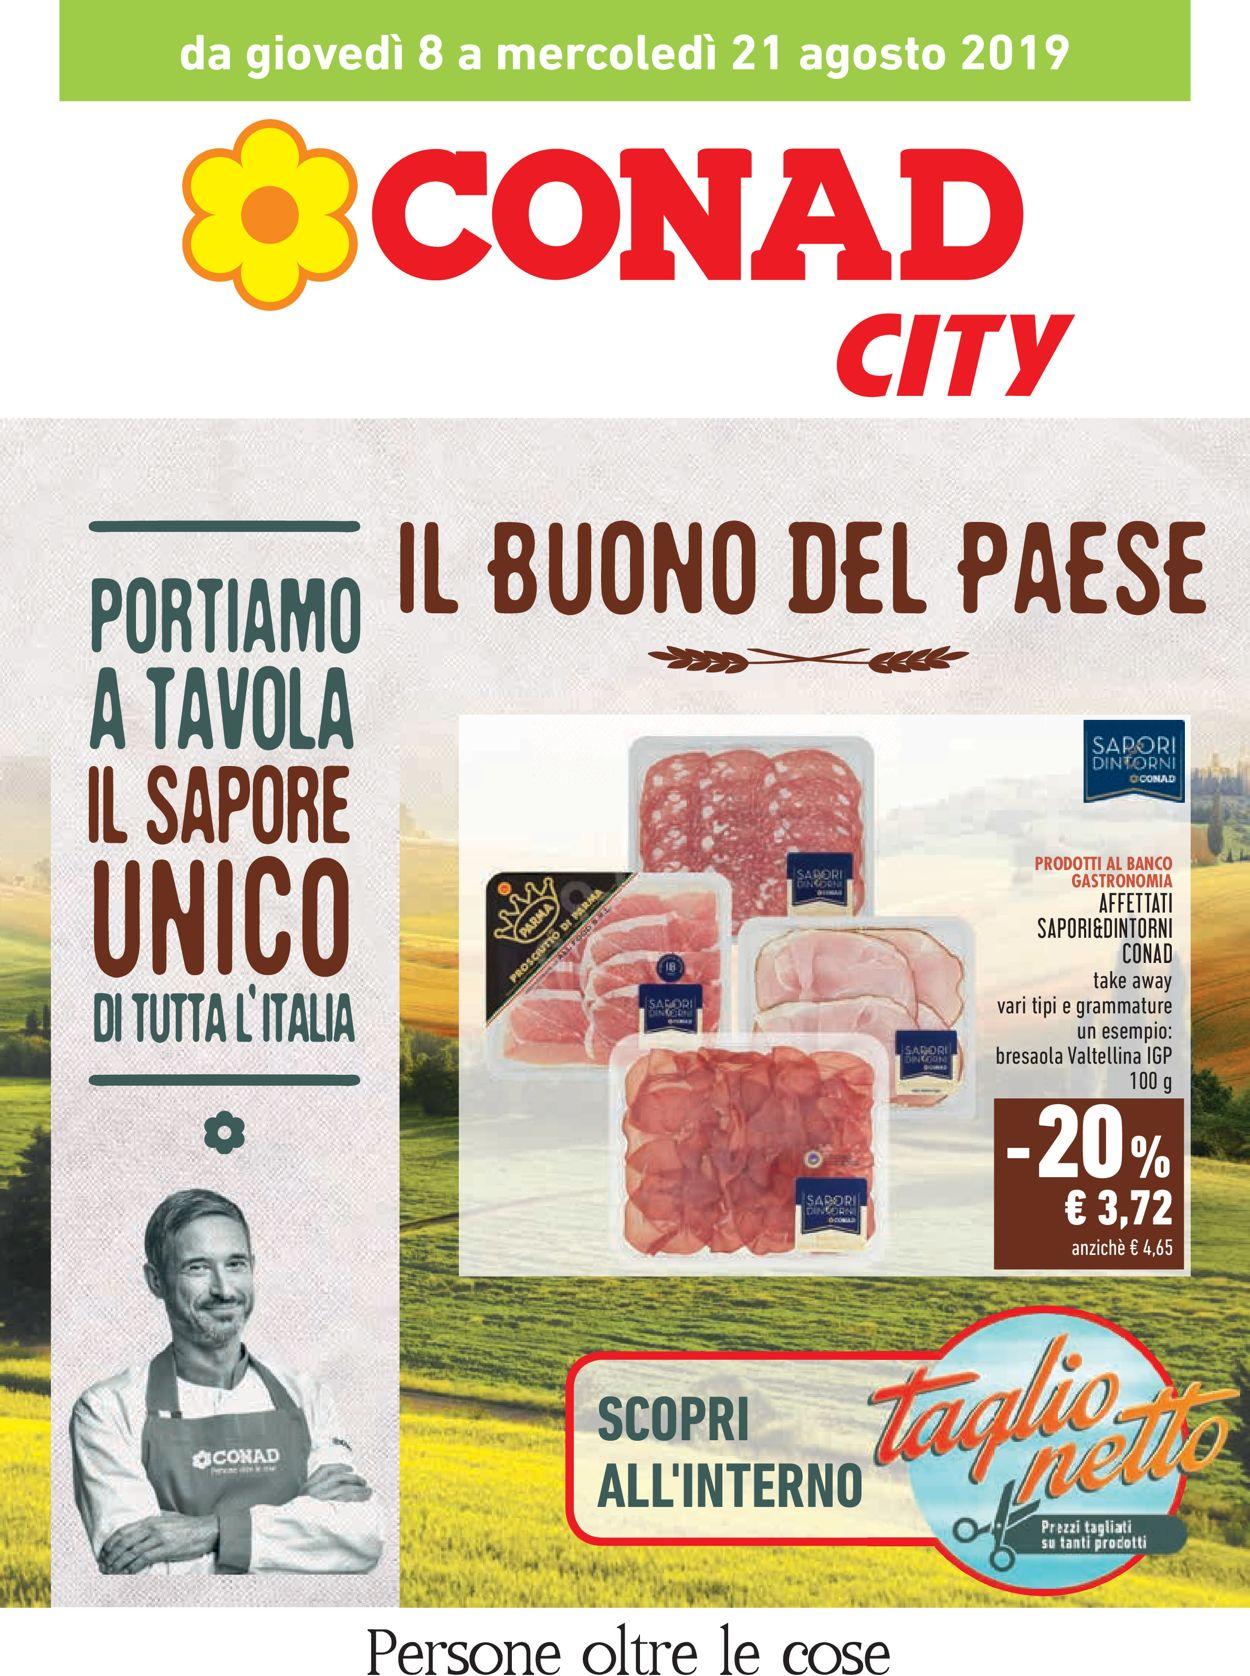 Volantino Conad - Offerte 08/08-21/08/2019